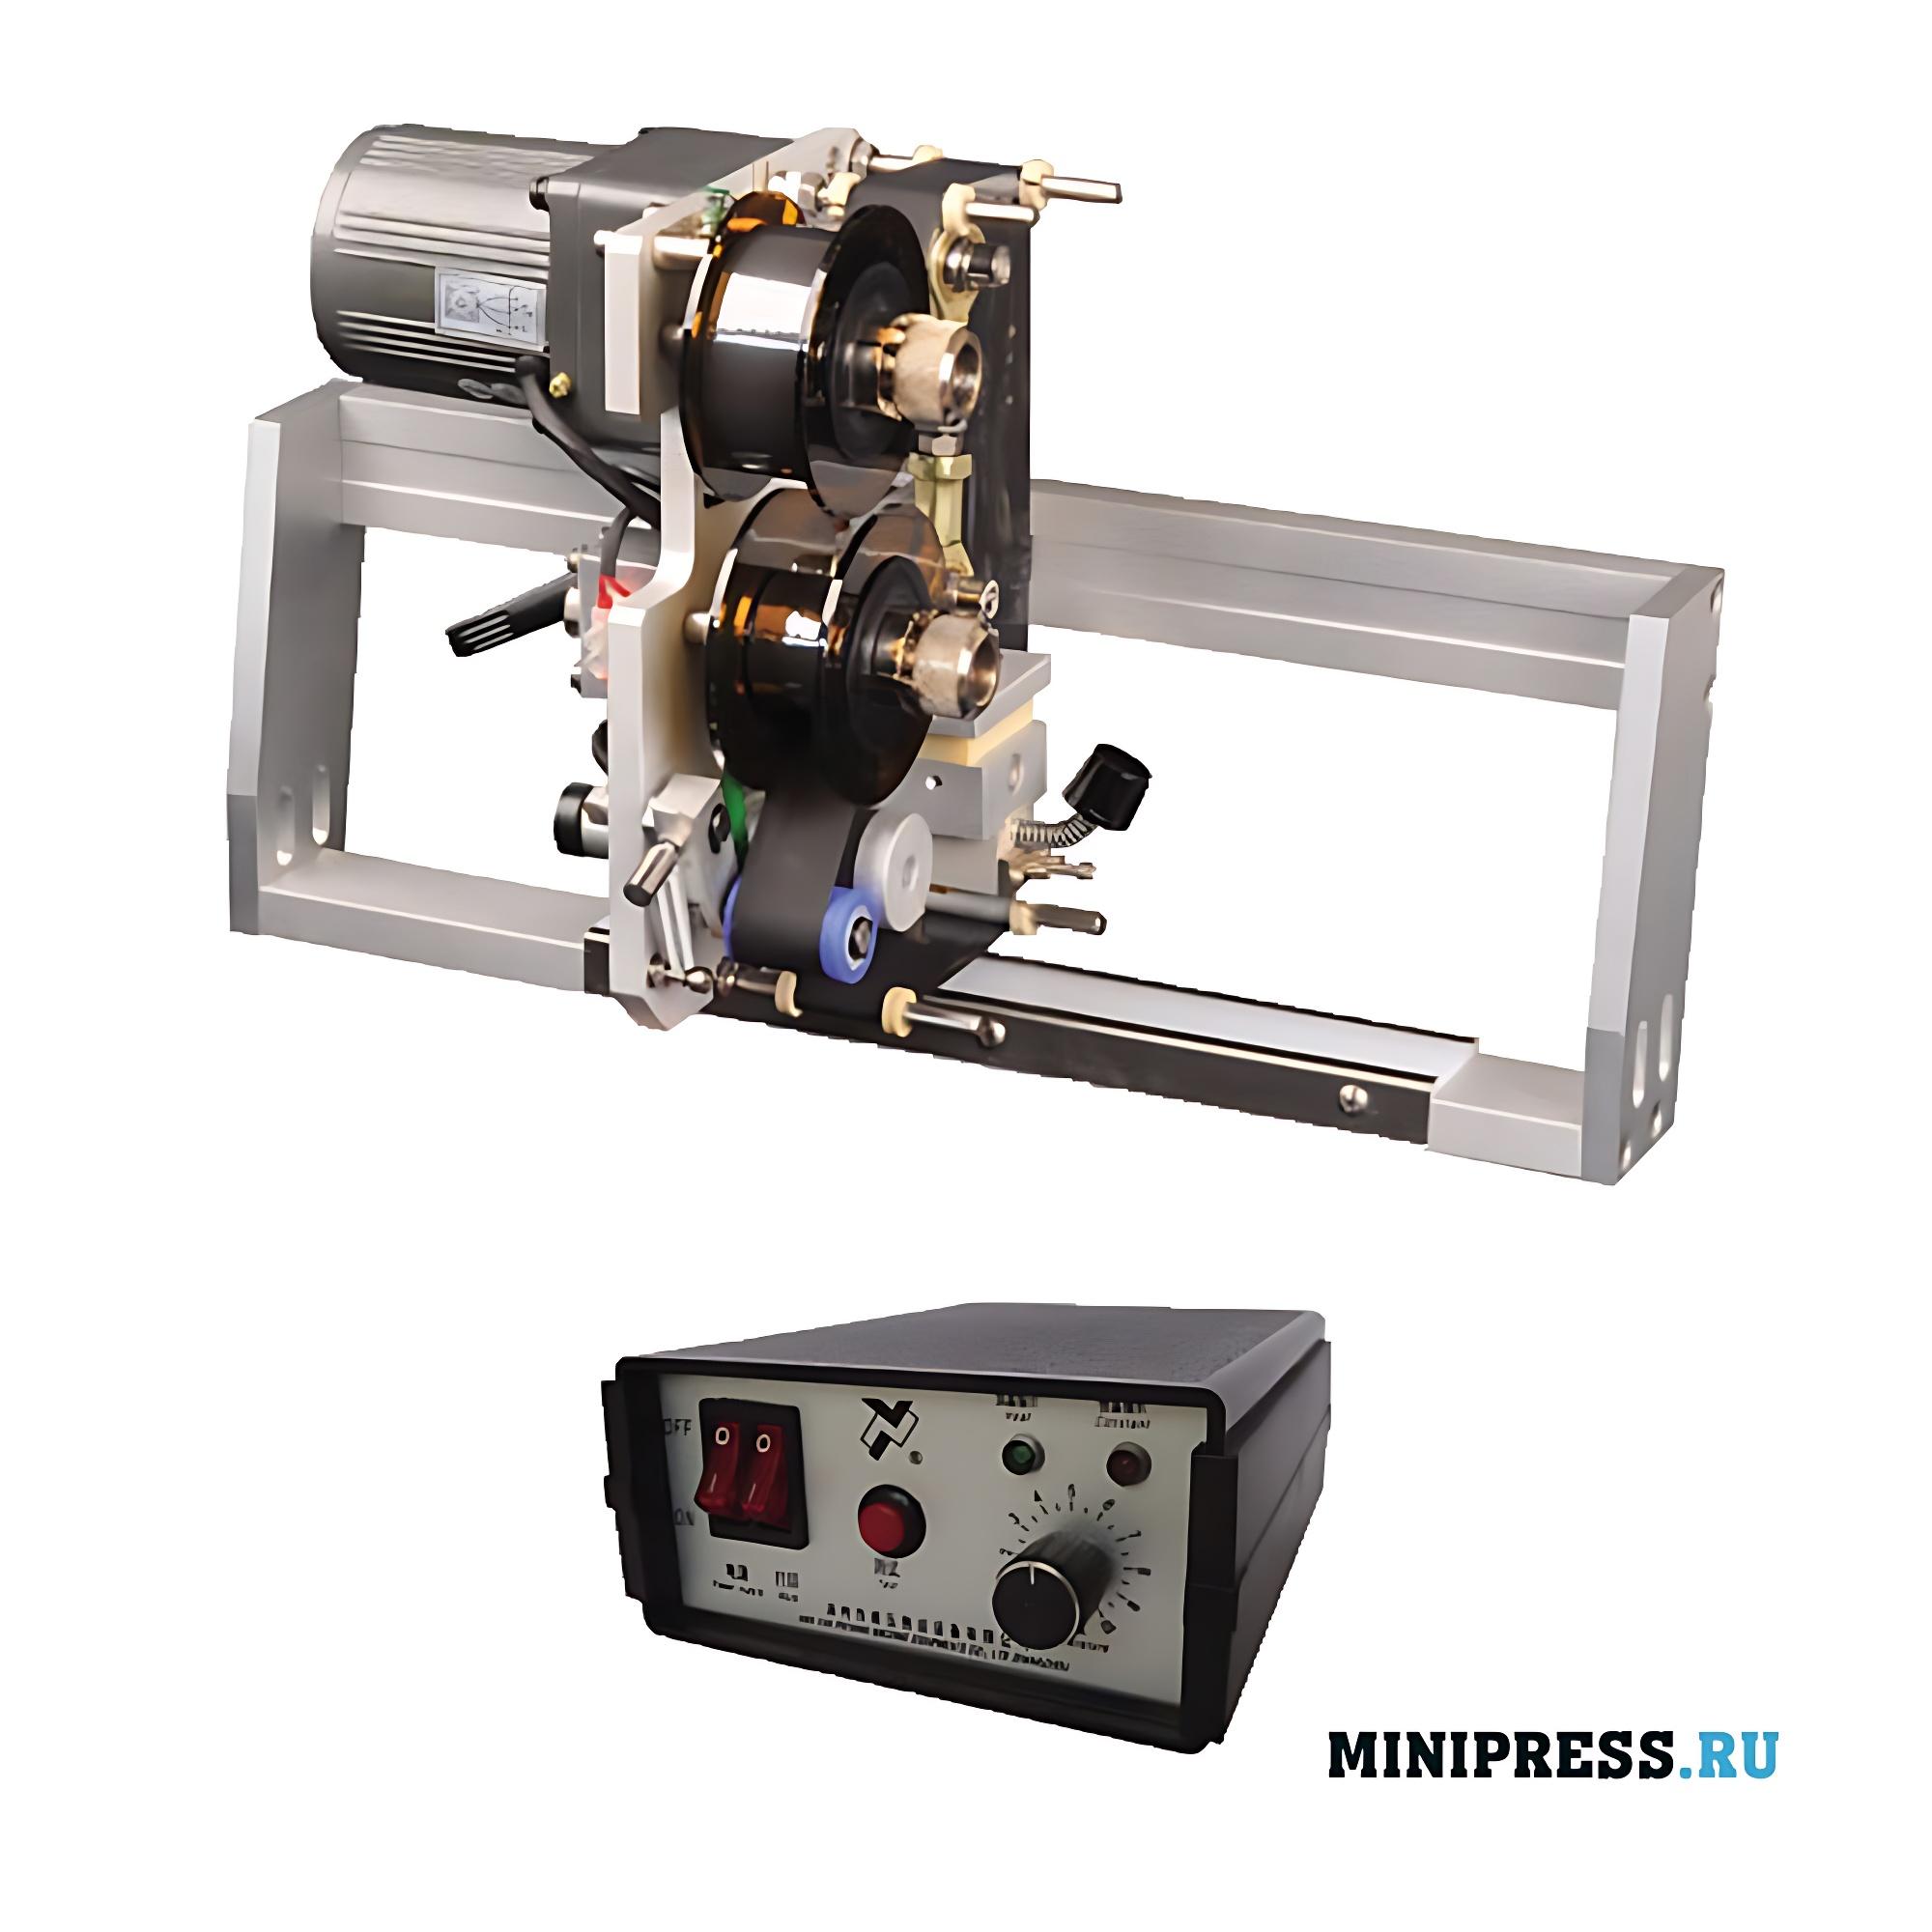 Электрический ленточный принтер для нанесения срока годности и даты